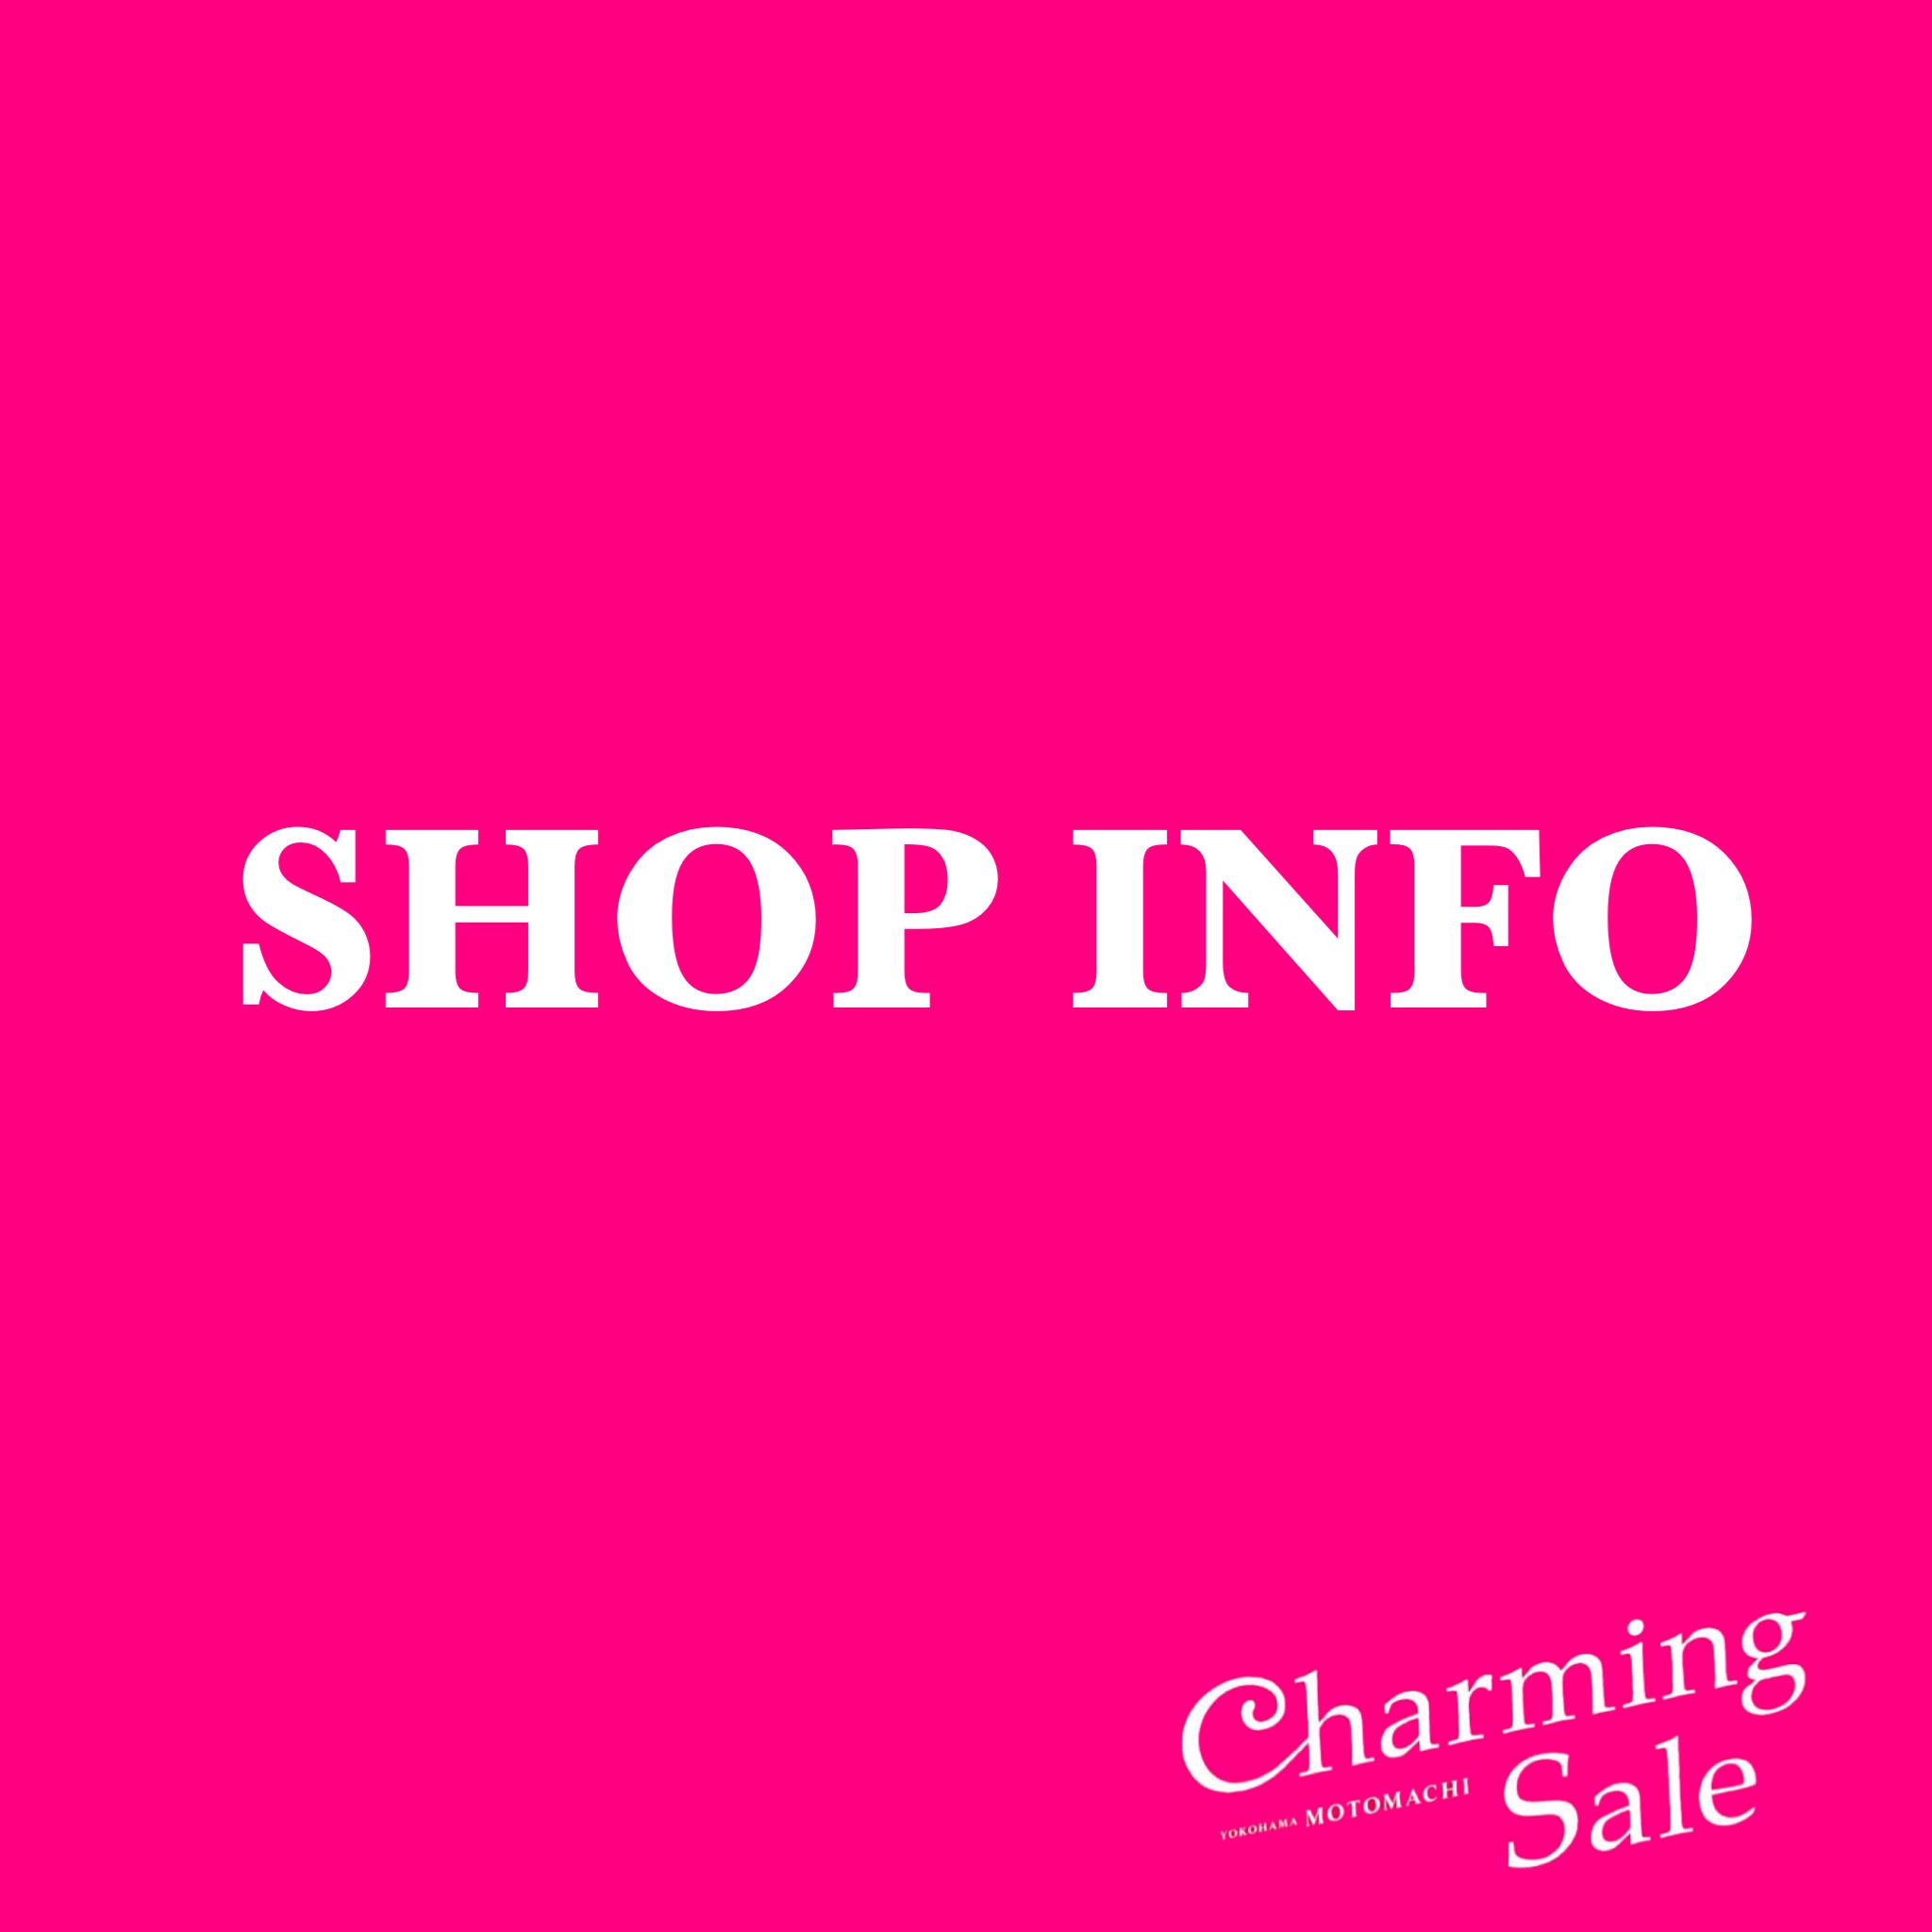 セール 2021 チャーミング チャーミングセール2021春2月の日程や時間は?混雑やアクセスは?